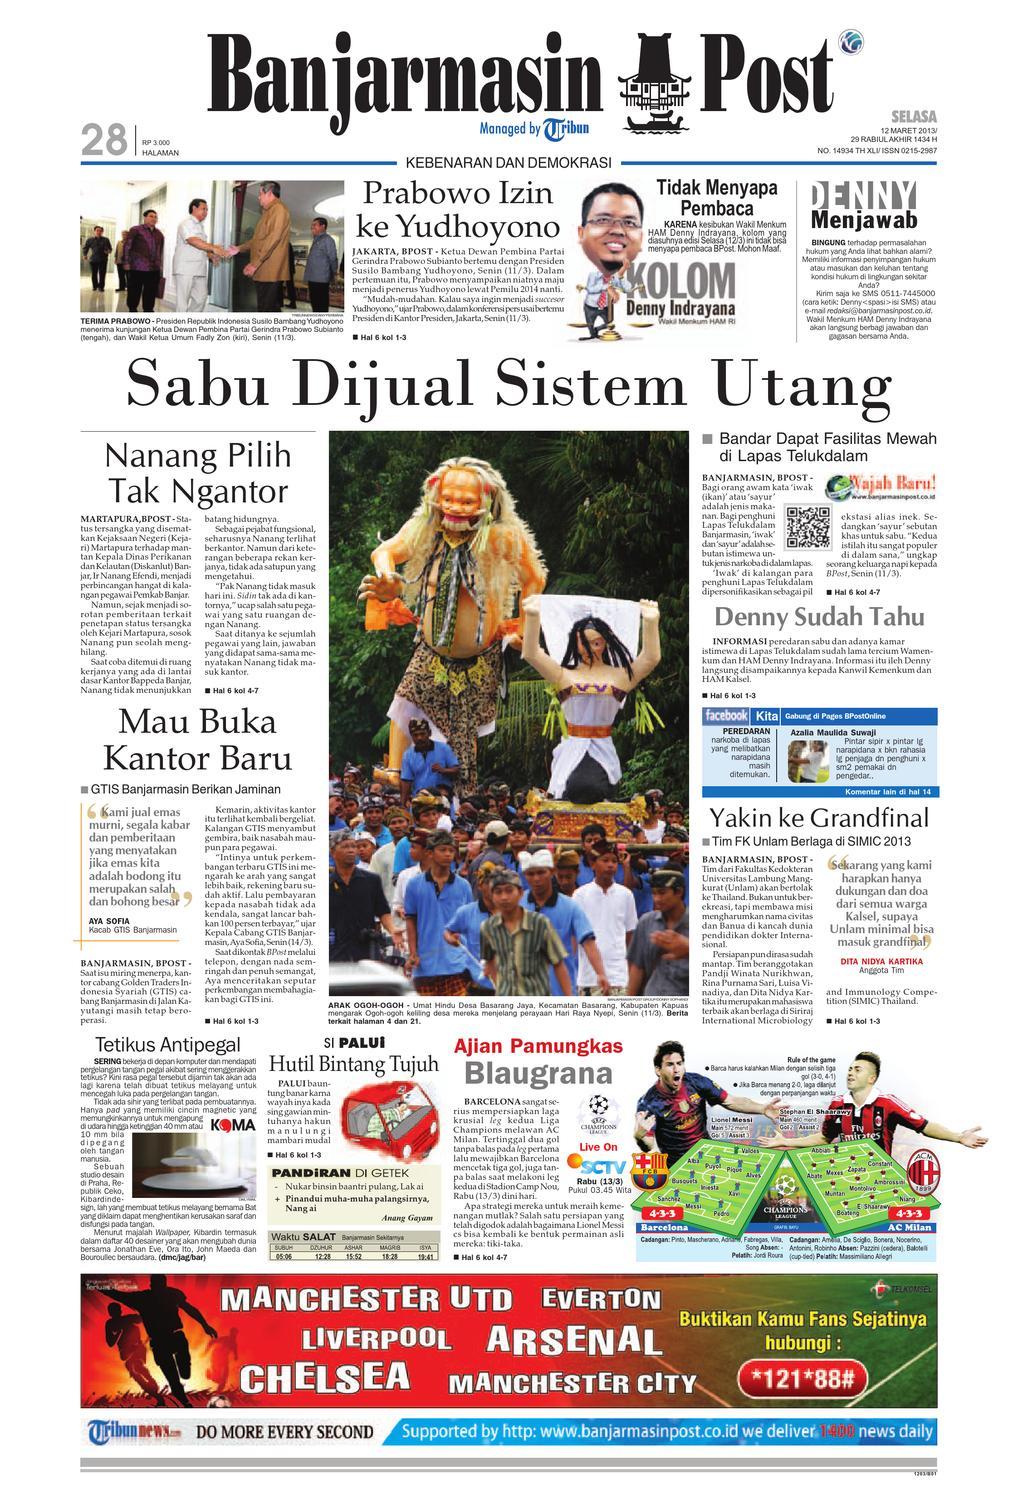 Banjarmasin post edisi selasa 12 maret 2013 by banjarmasin post issuu